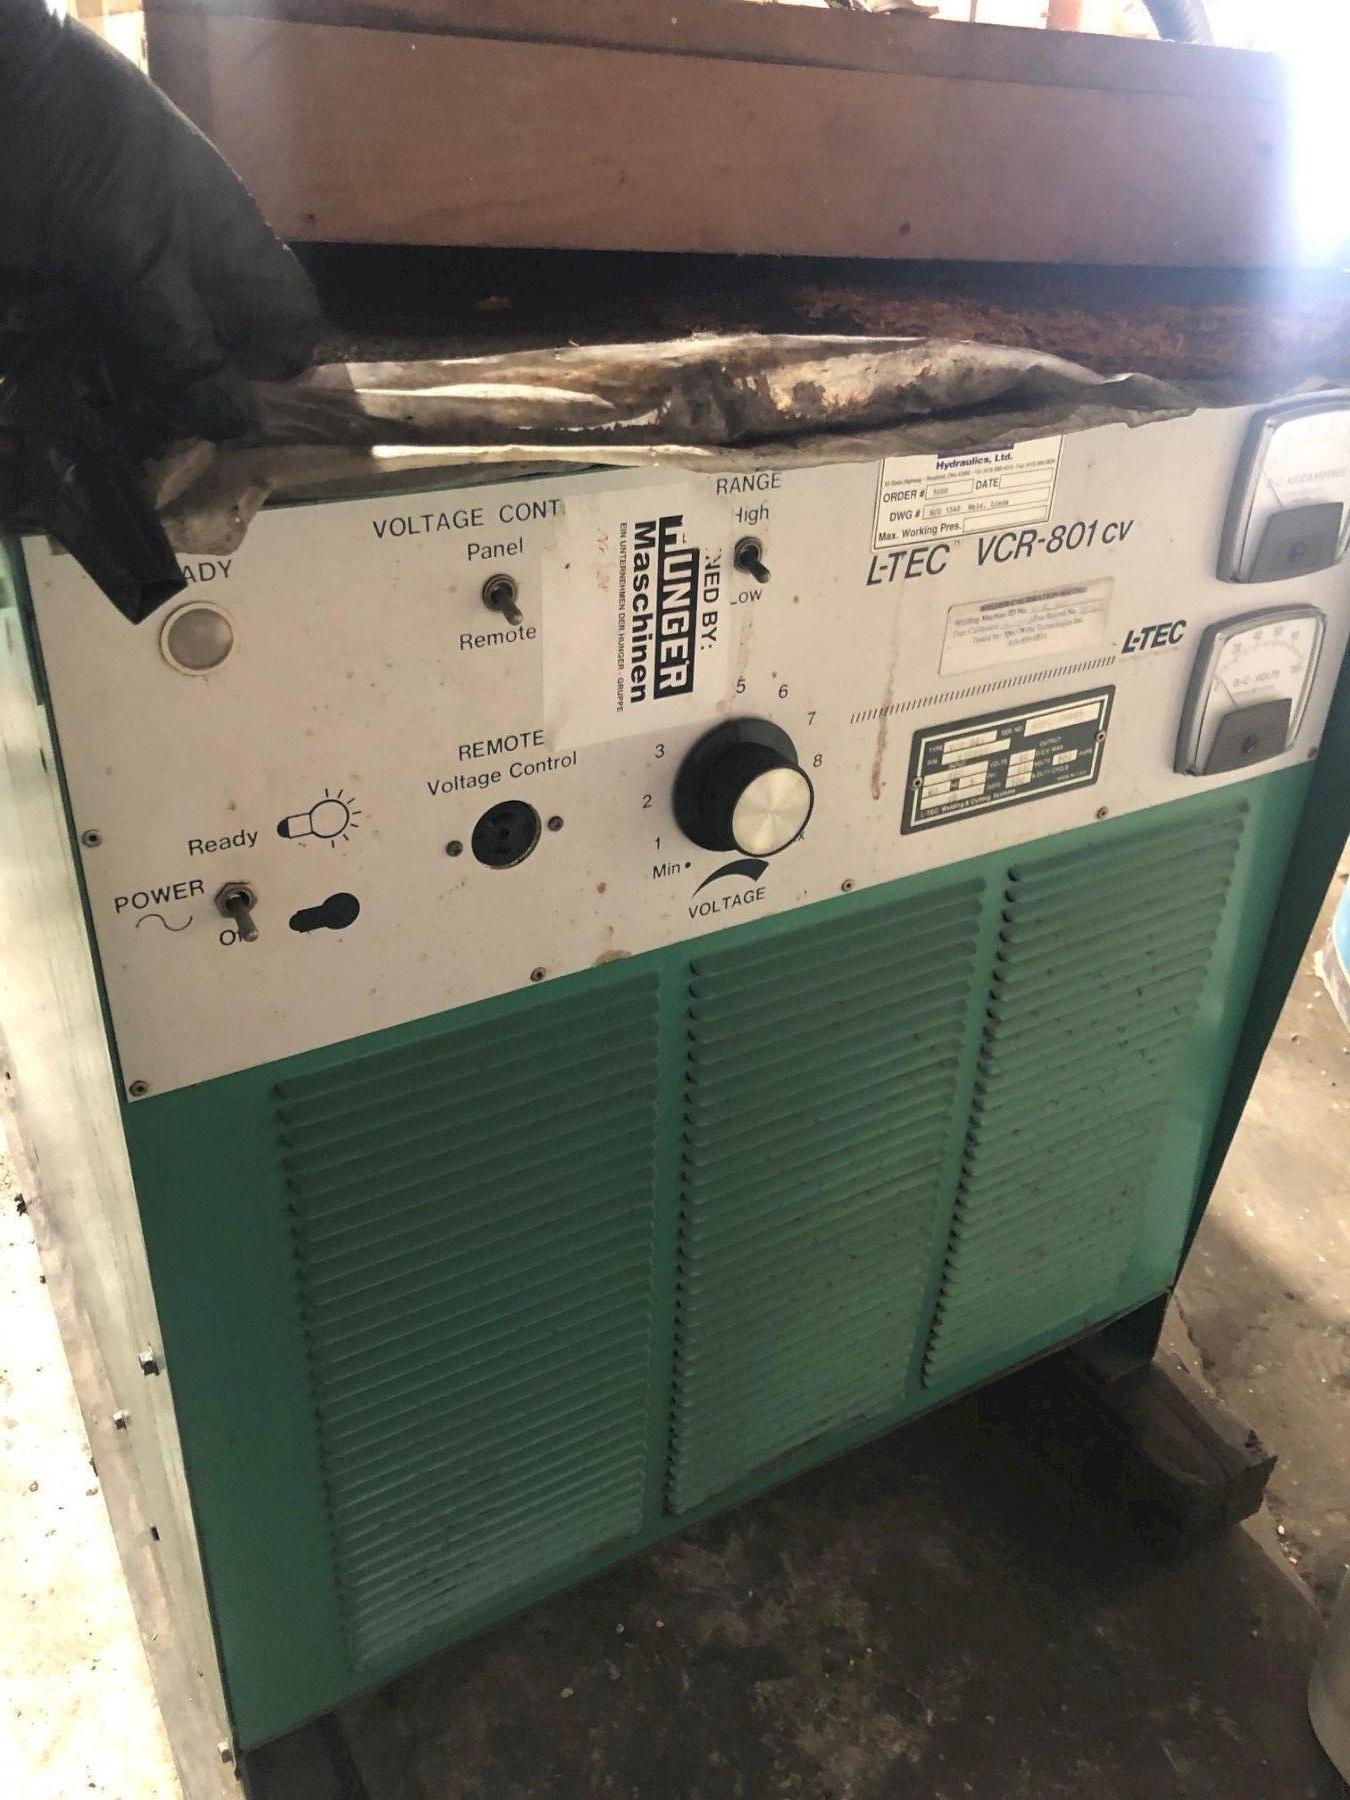 L-TEC VCR-801 cv Welder